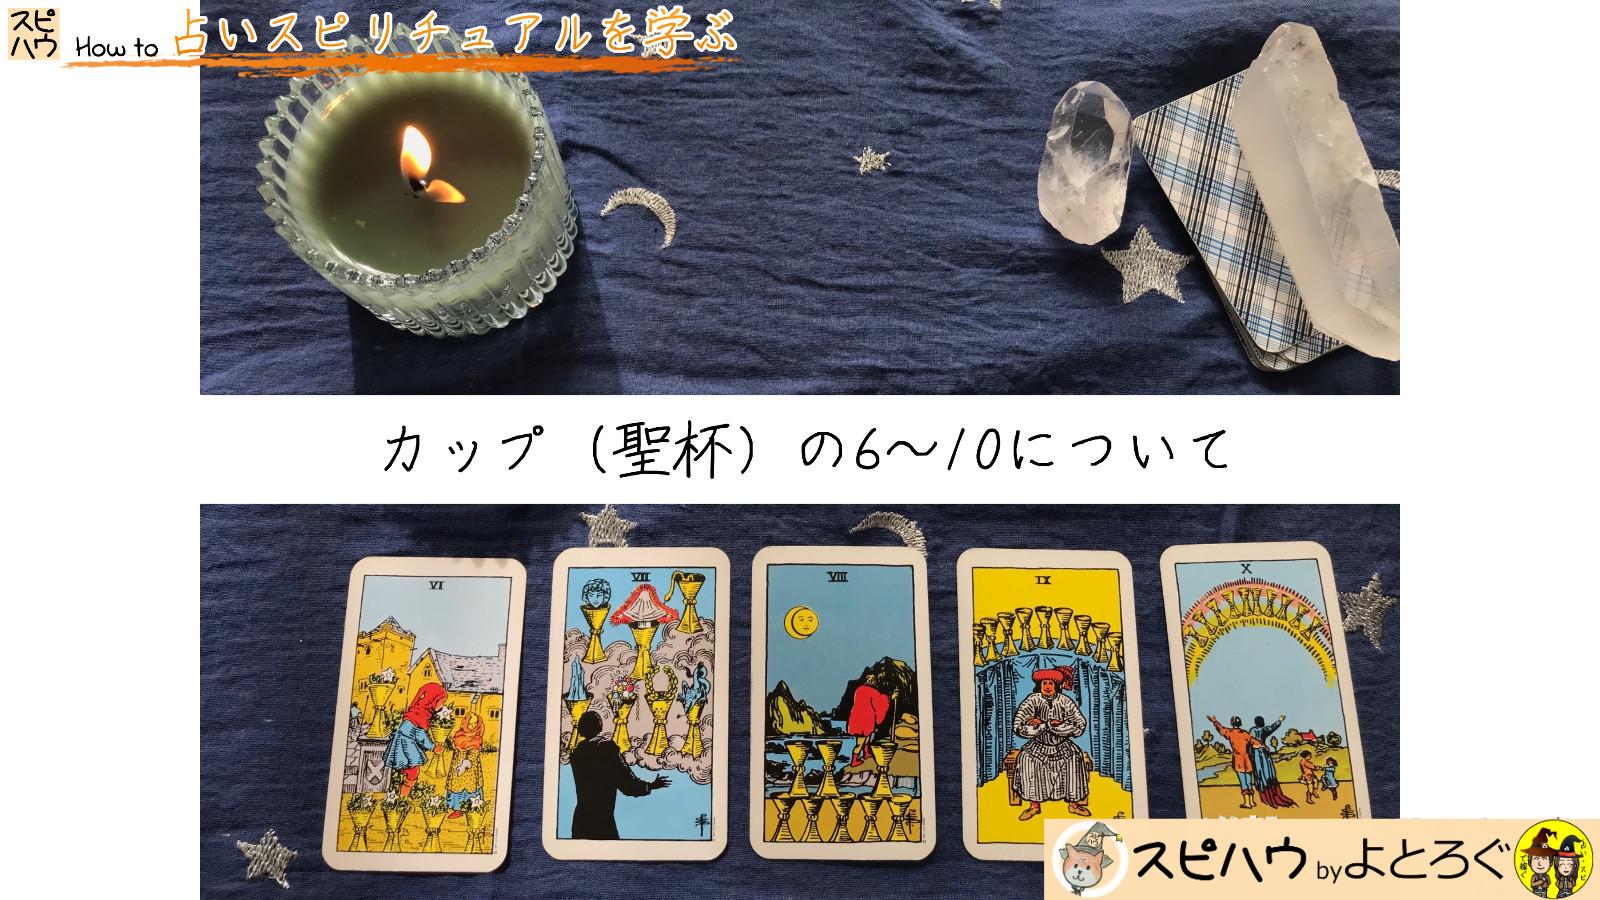 迷った時は、いっそ捨ててしまうのもアリかも! 6~10のカード画像